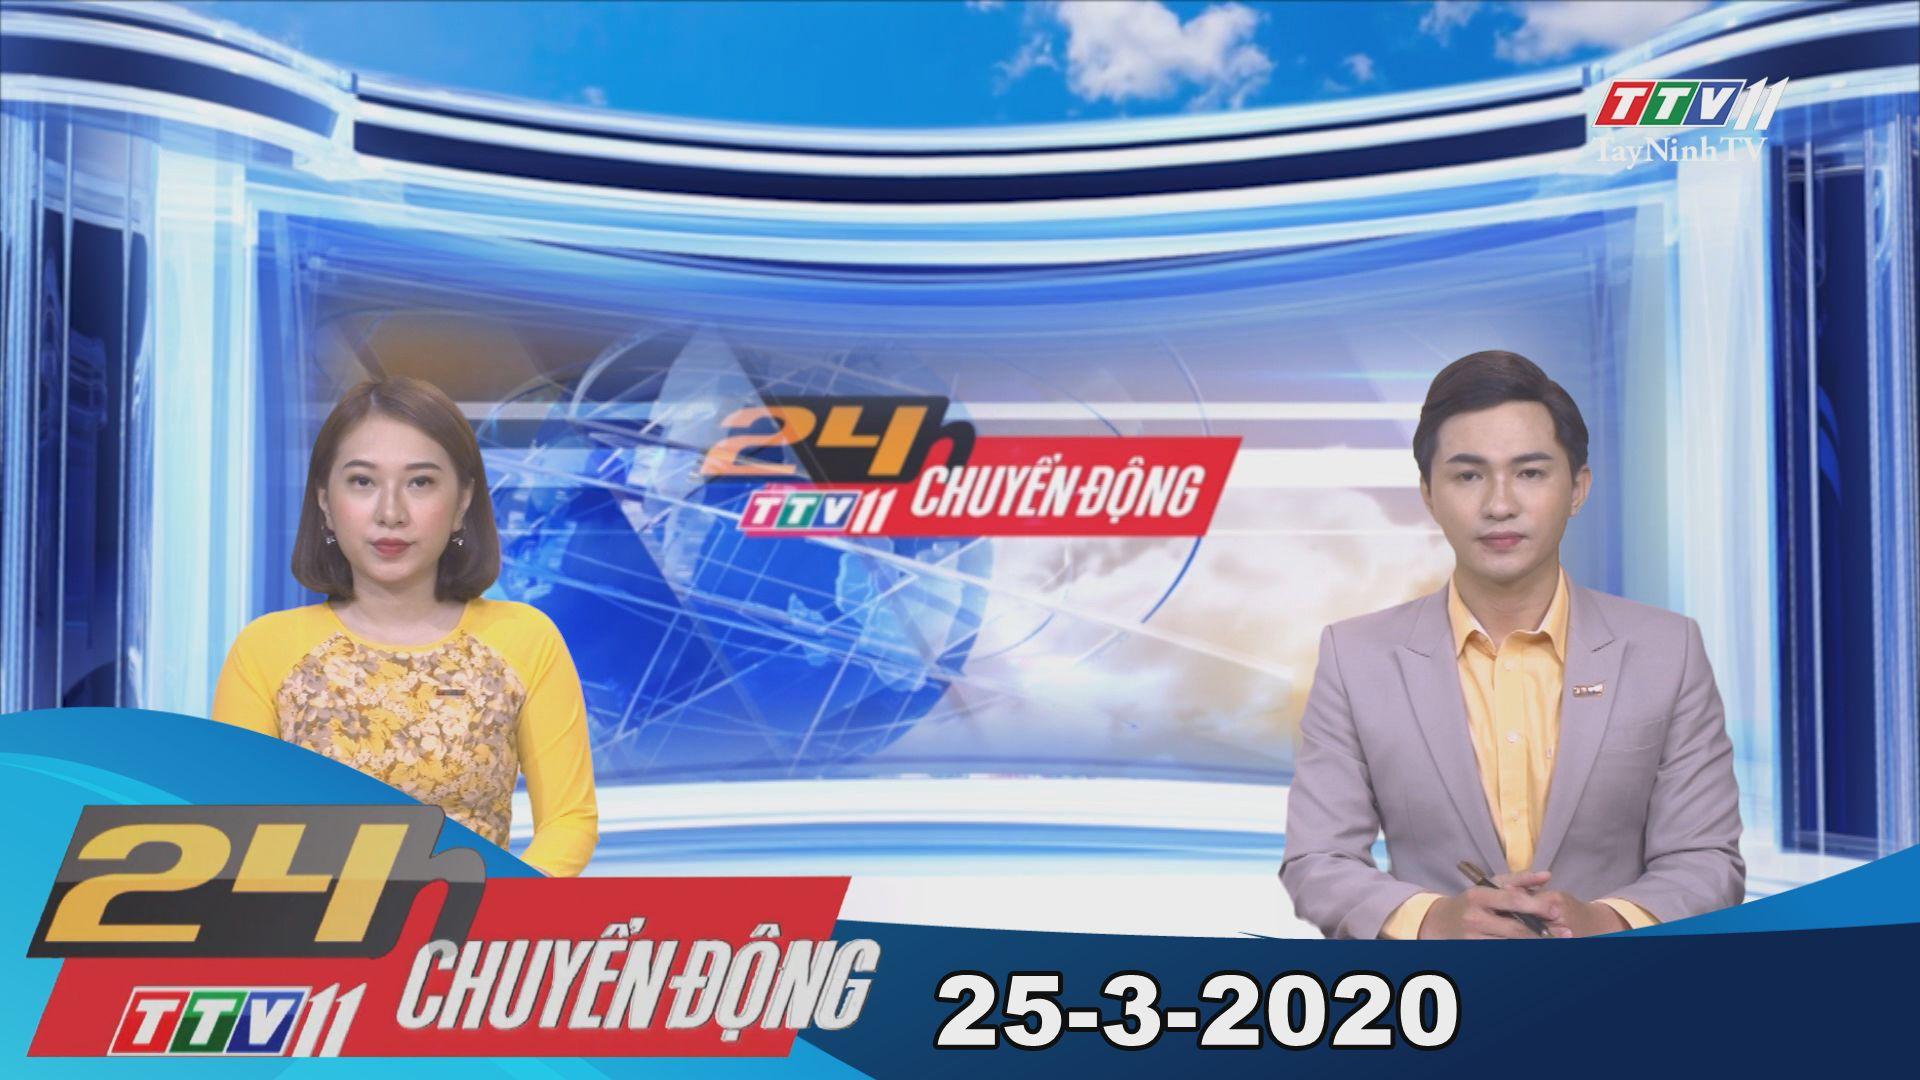 24h Chuyển động 25-3-2020 | Tin tức hôm nay | TayNinhTV